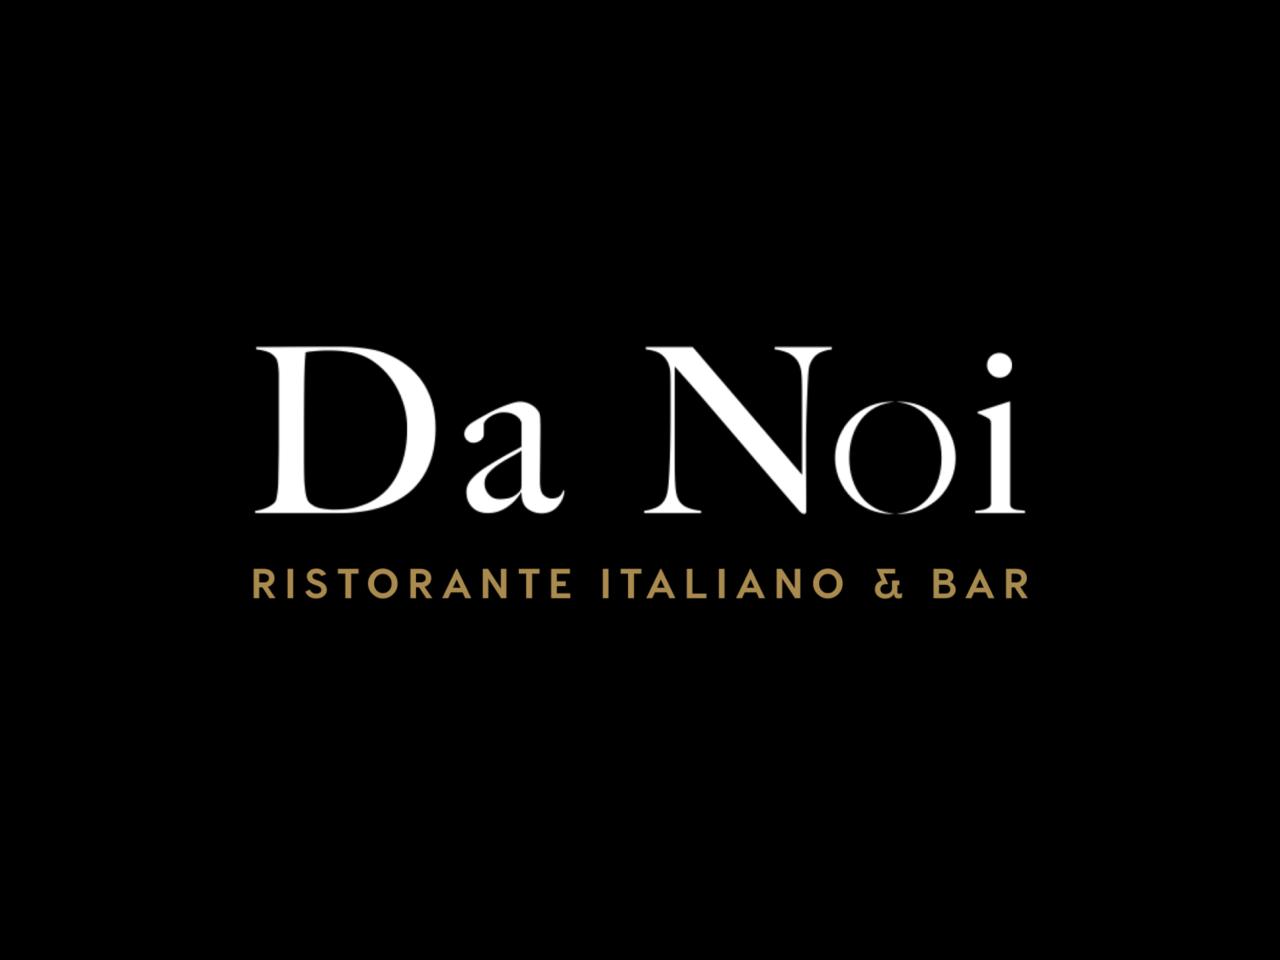 Da Noi – Ristorante Italiano & Bar